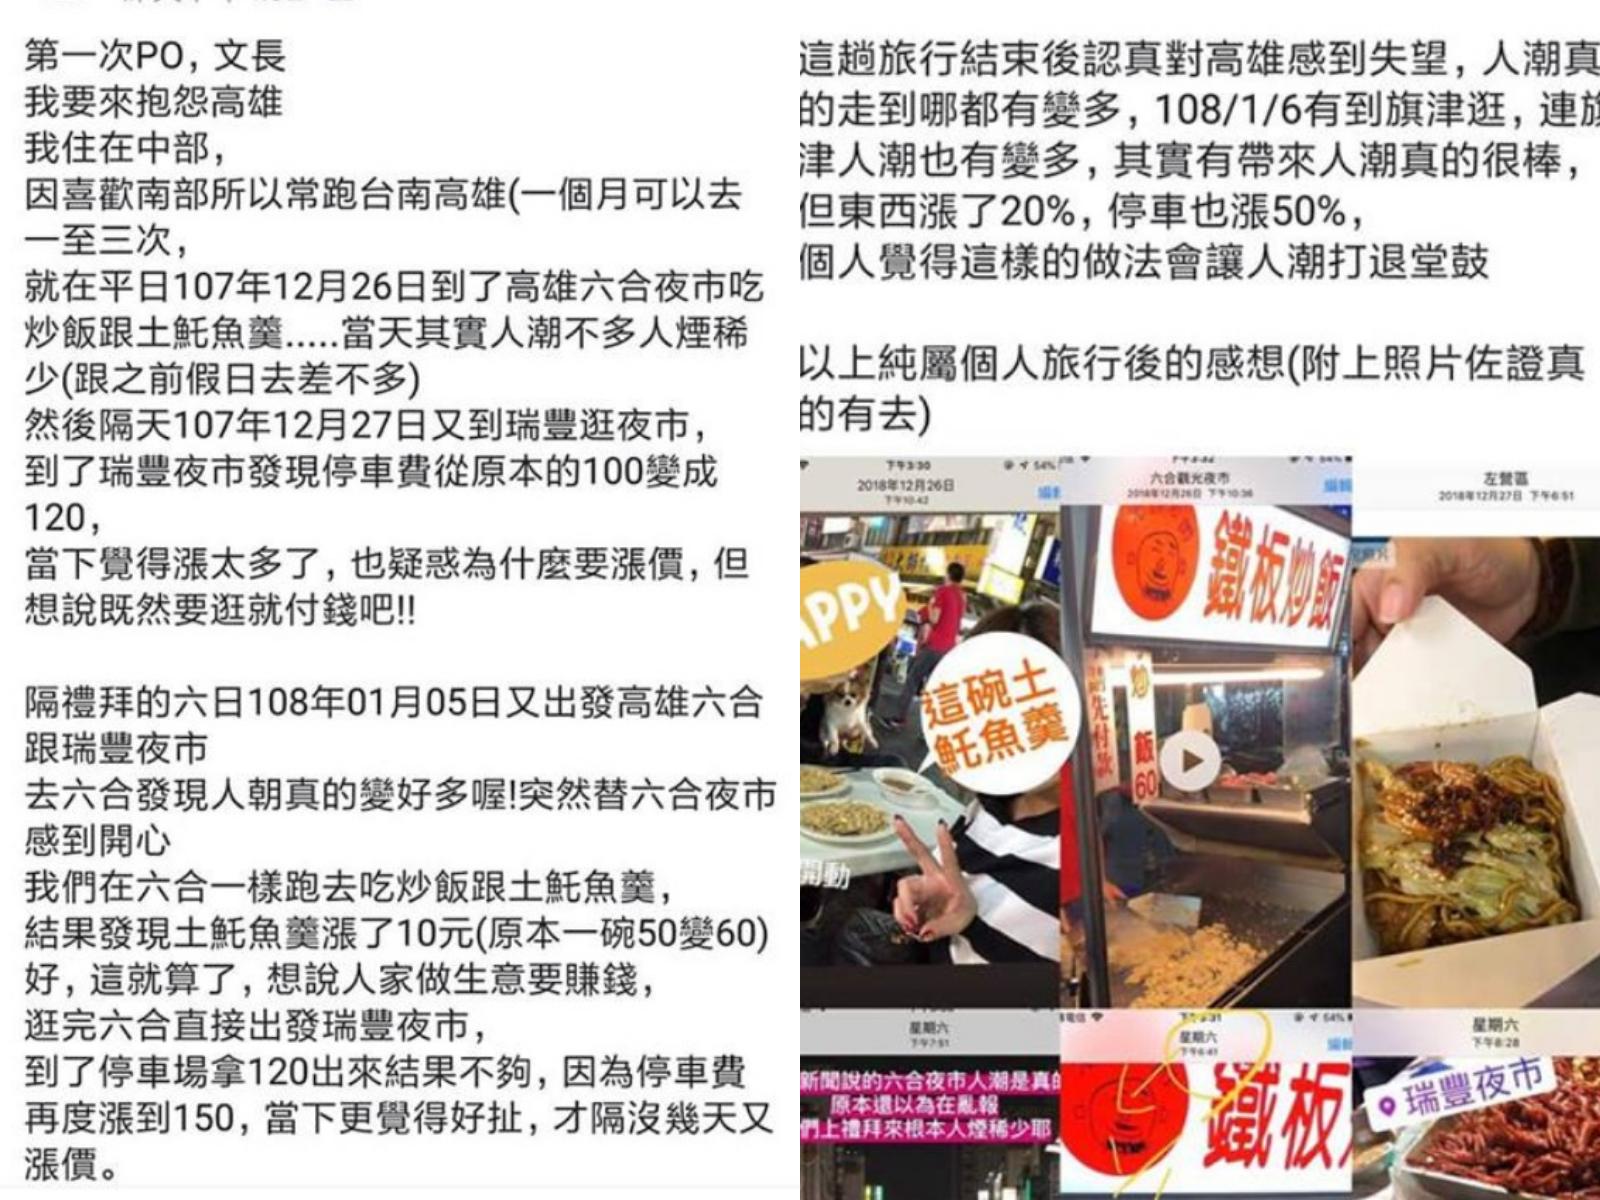 女網友感嘆六合、瑞豐夜市的小吃及停車費都漲價了。